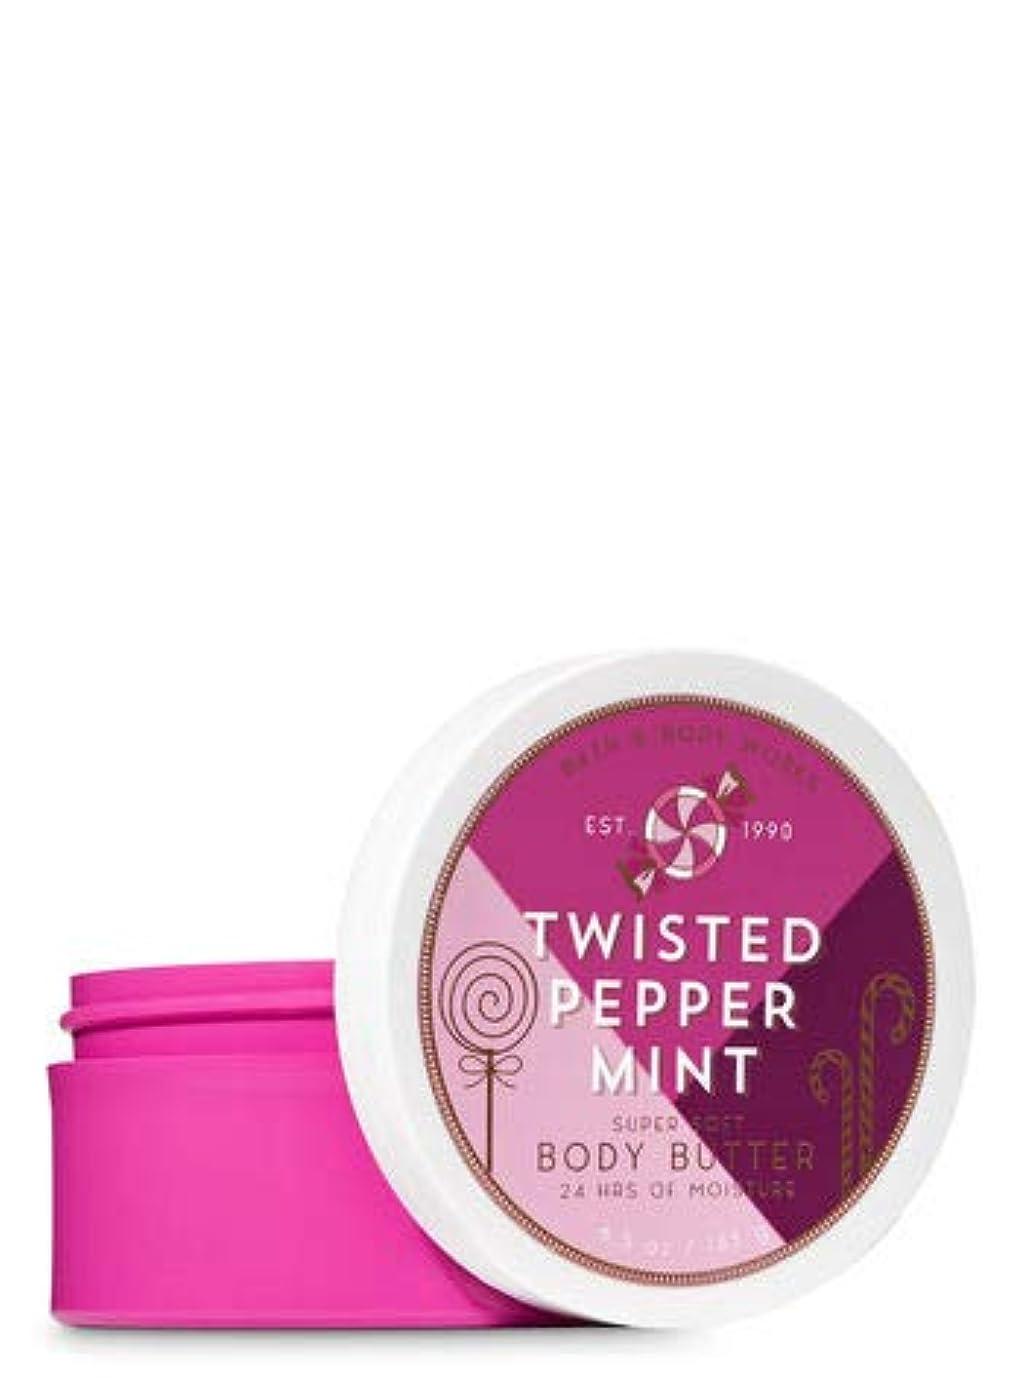 食物公式脅迫【Bath&Body Works/バス&ボディワークス】 ボディバター ツイステッドペパーミント Body Butter Twisted Peppermint 6.5 oz / 185 g [並行輸入品]